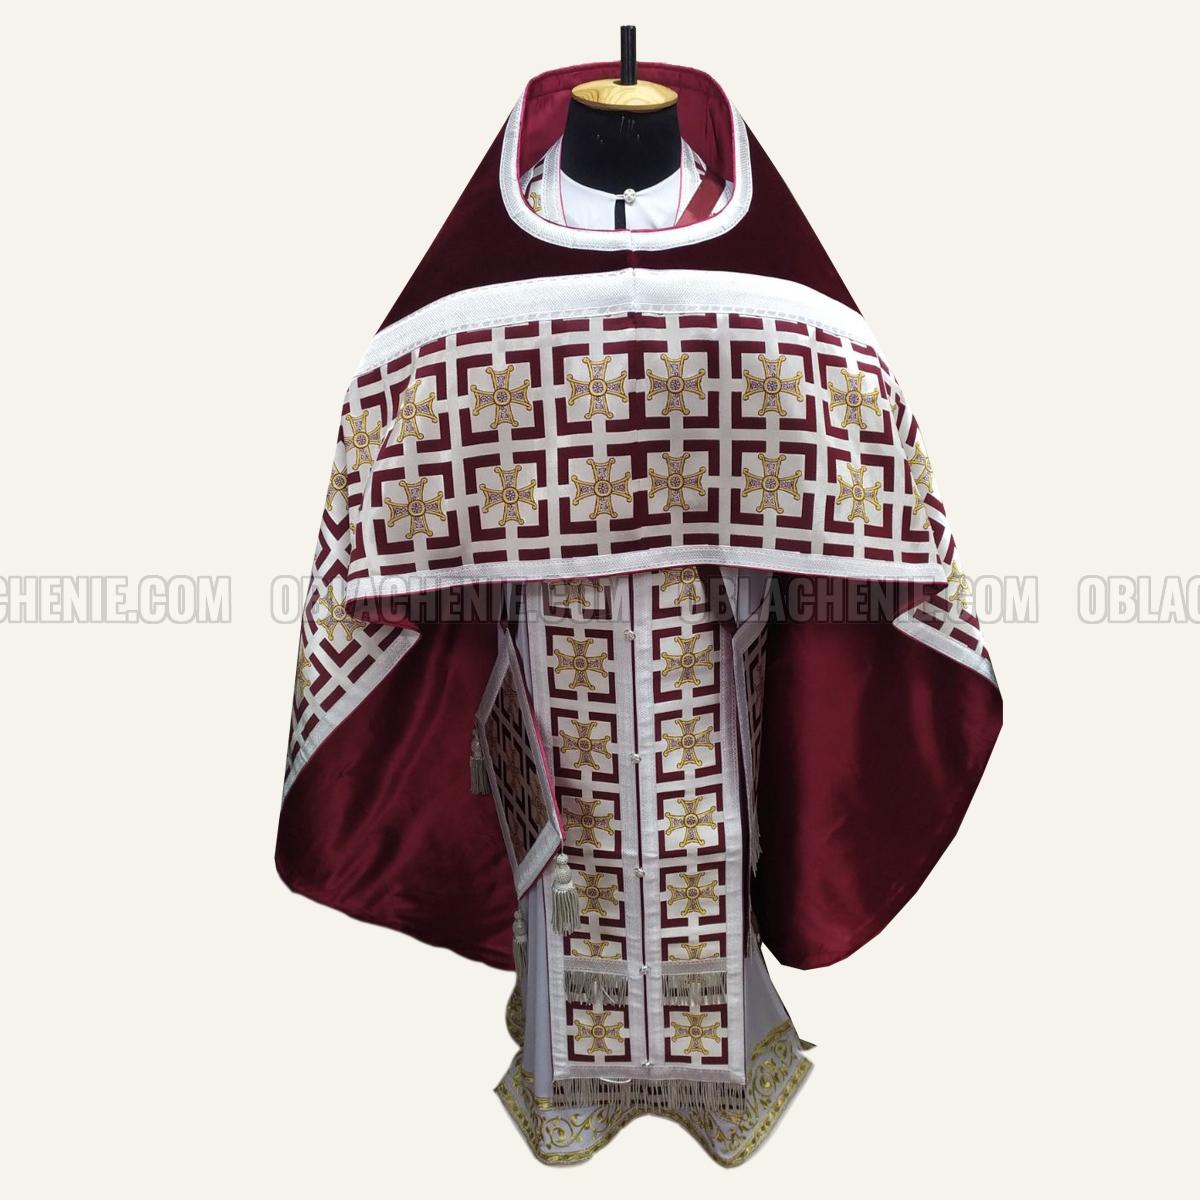 PRIEST'S VESTMENTS 10940